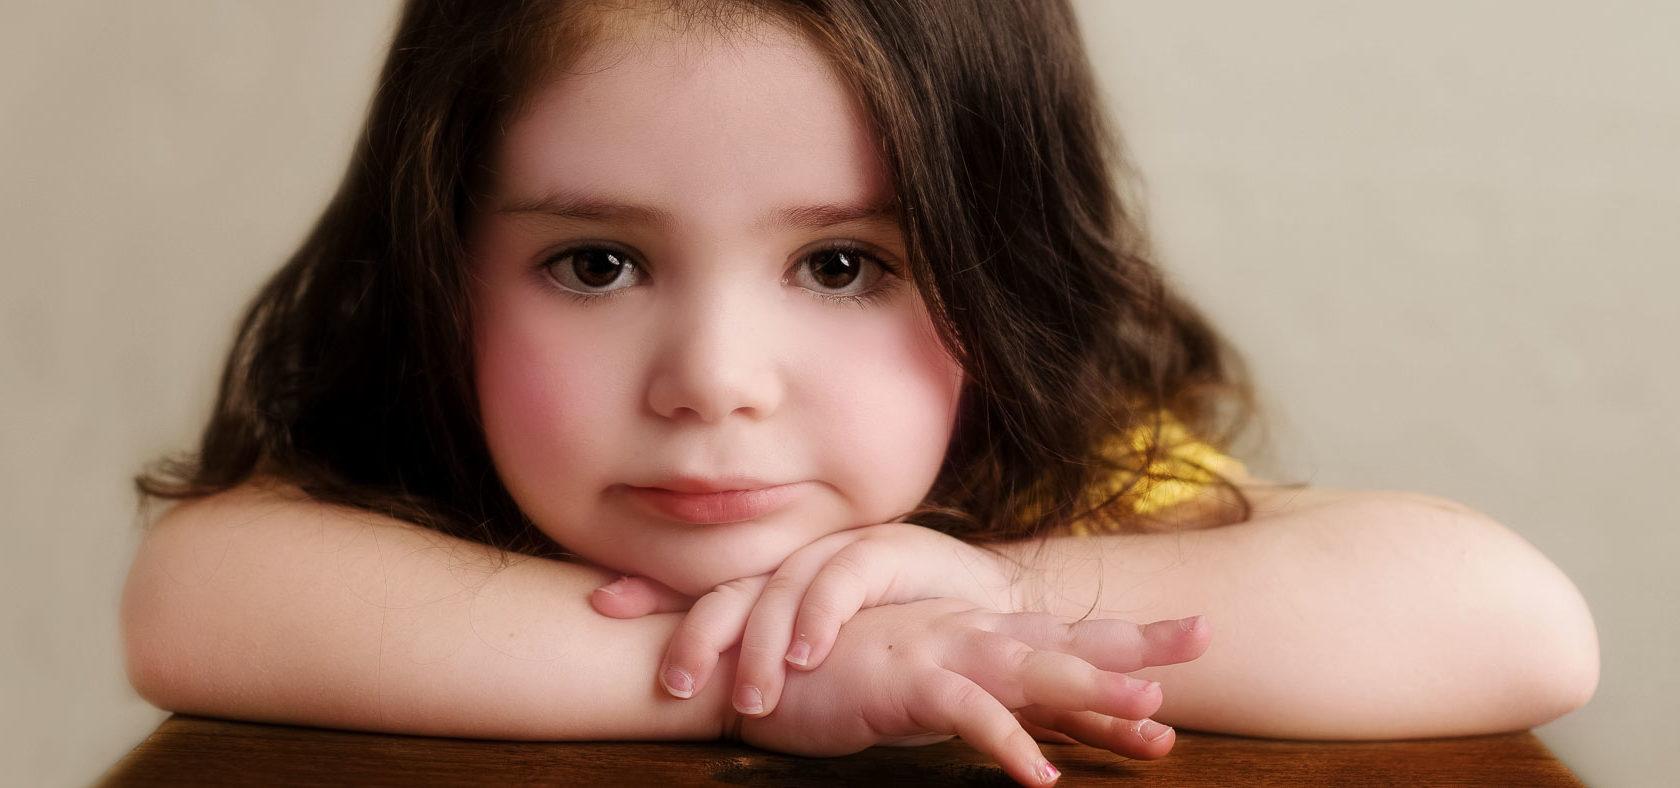 Träumerin, Anke Benen Photography, Kinderfotografie, das besondere Fotoshooting, magische Momente, Mädchen, Fotografie, NYC